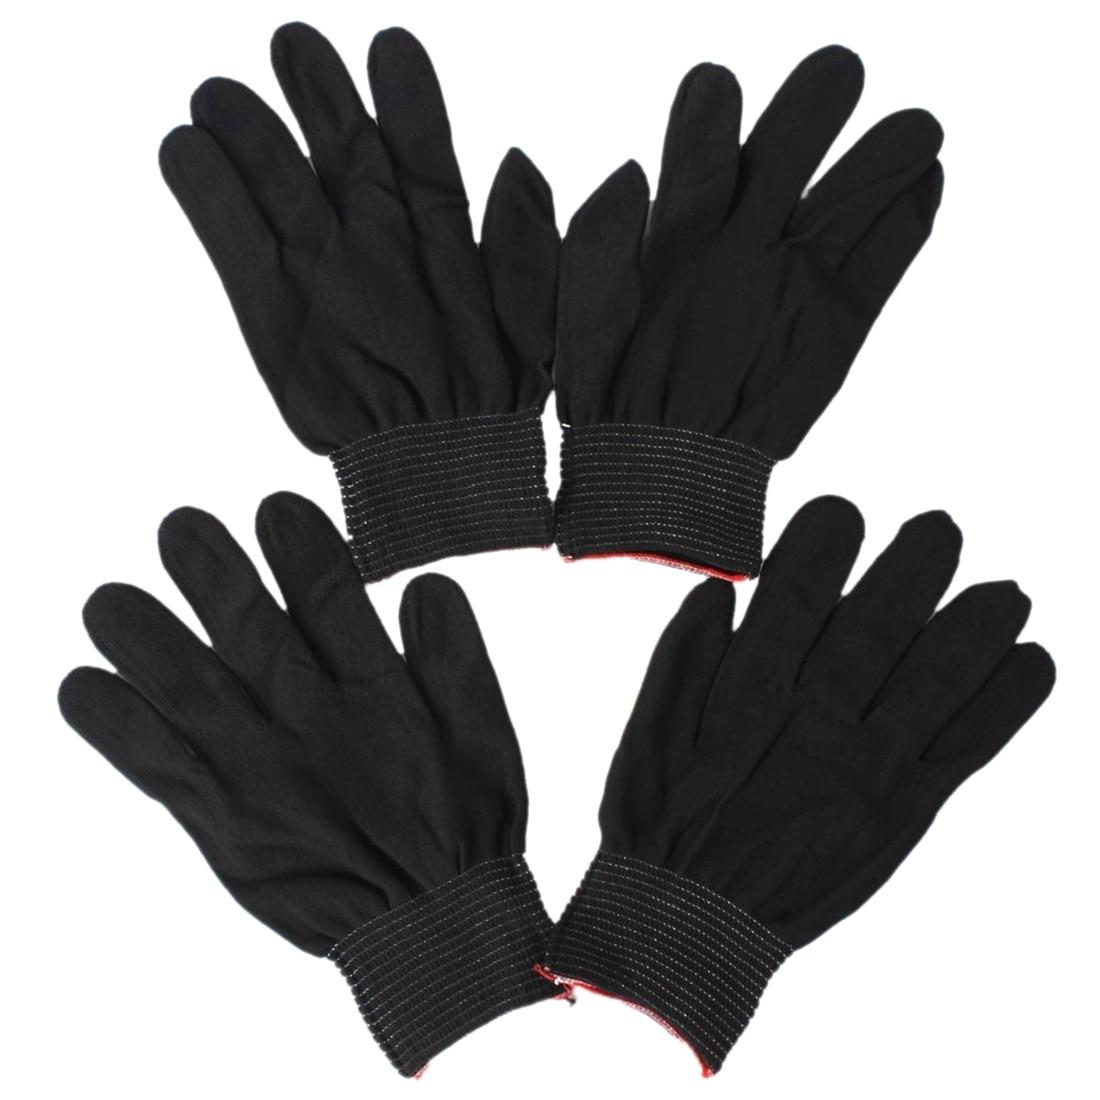 2 paires de gants de travail antistatiques en nylon gants en nylon, noir2 paires de gants de travail antistatiques en nylon gants en nylon, noir